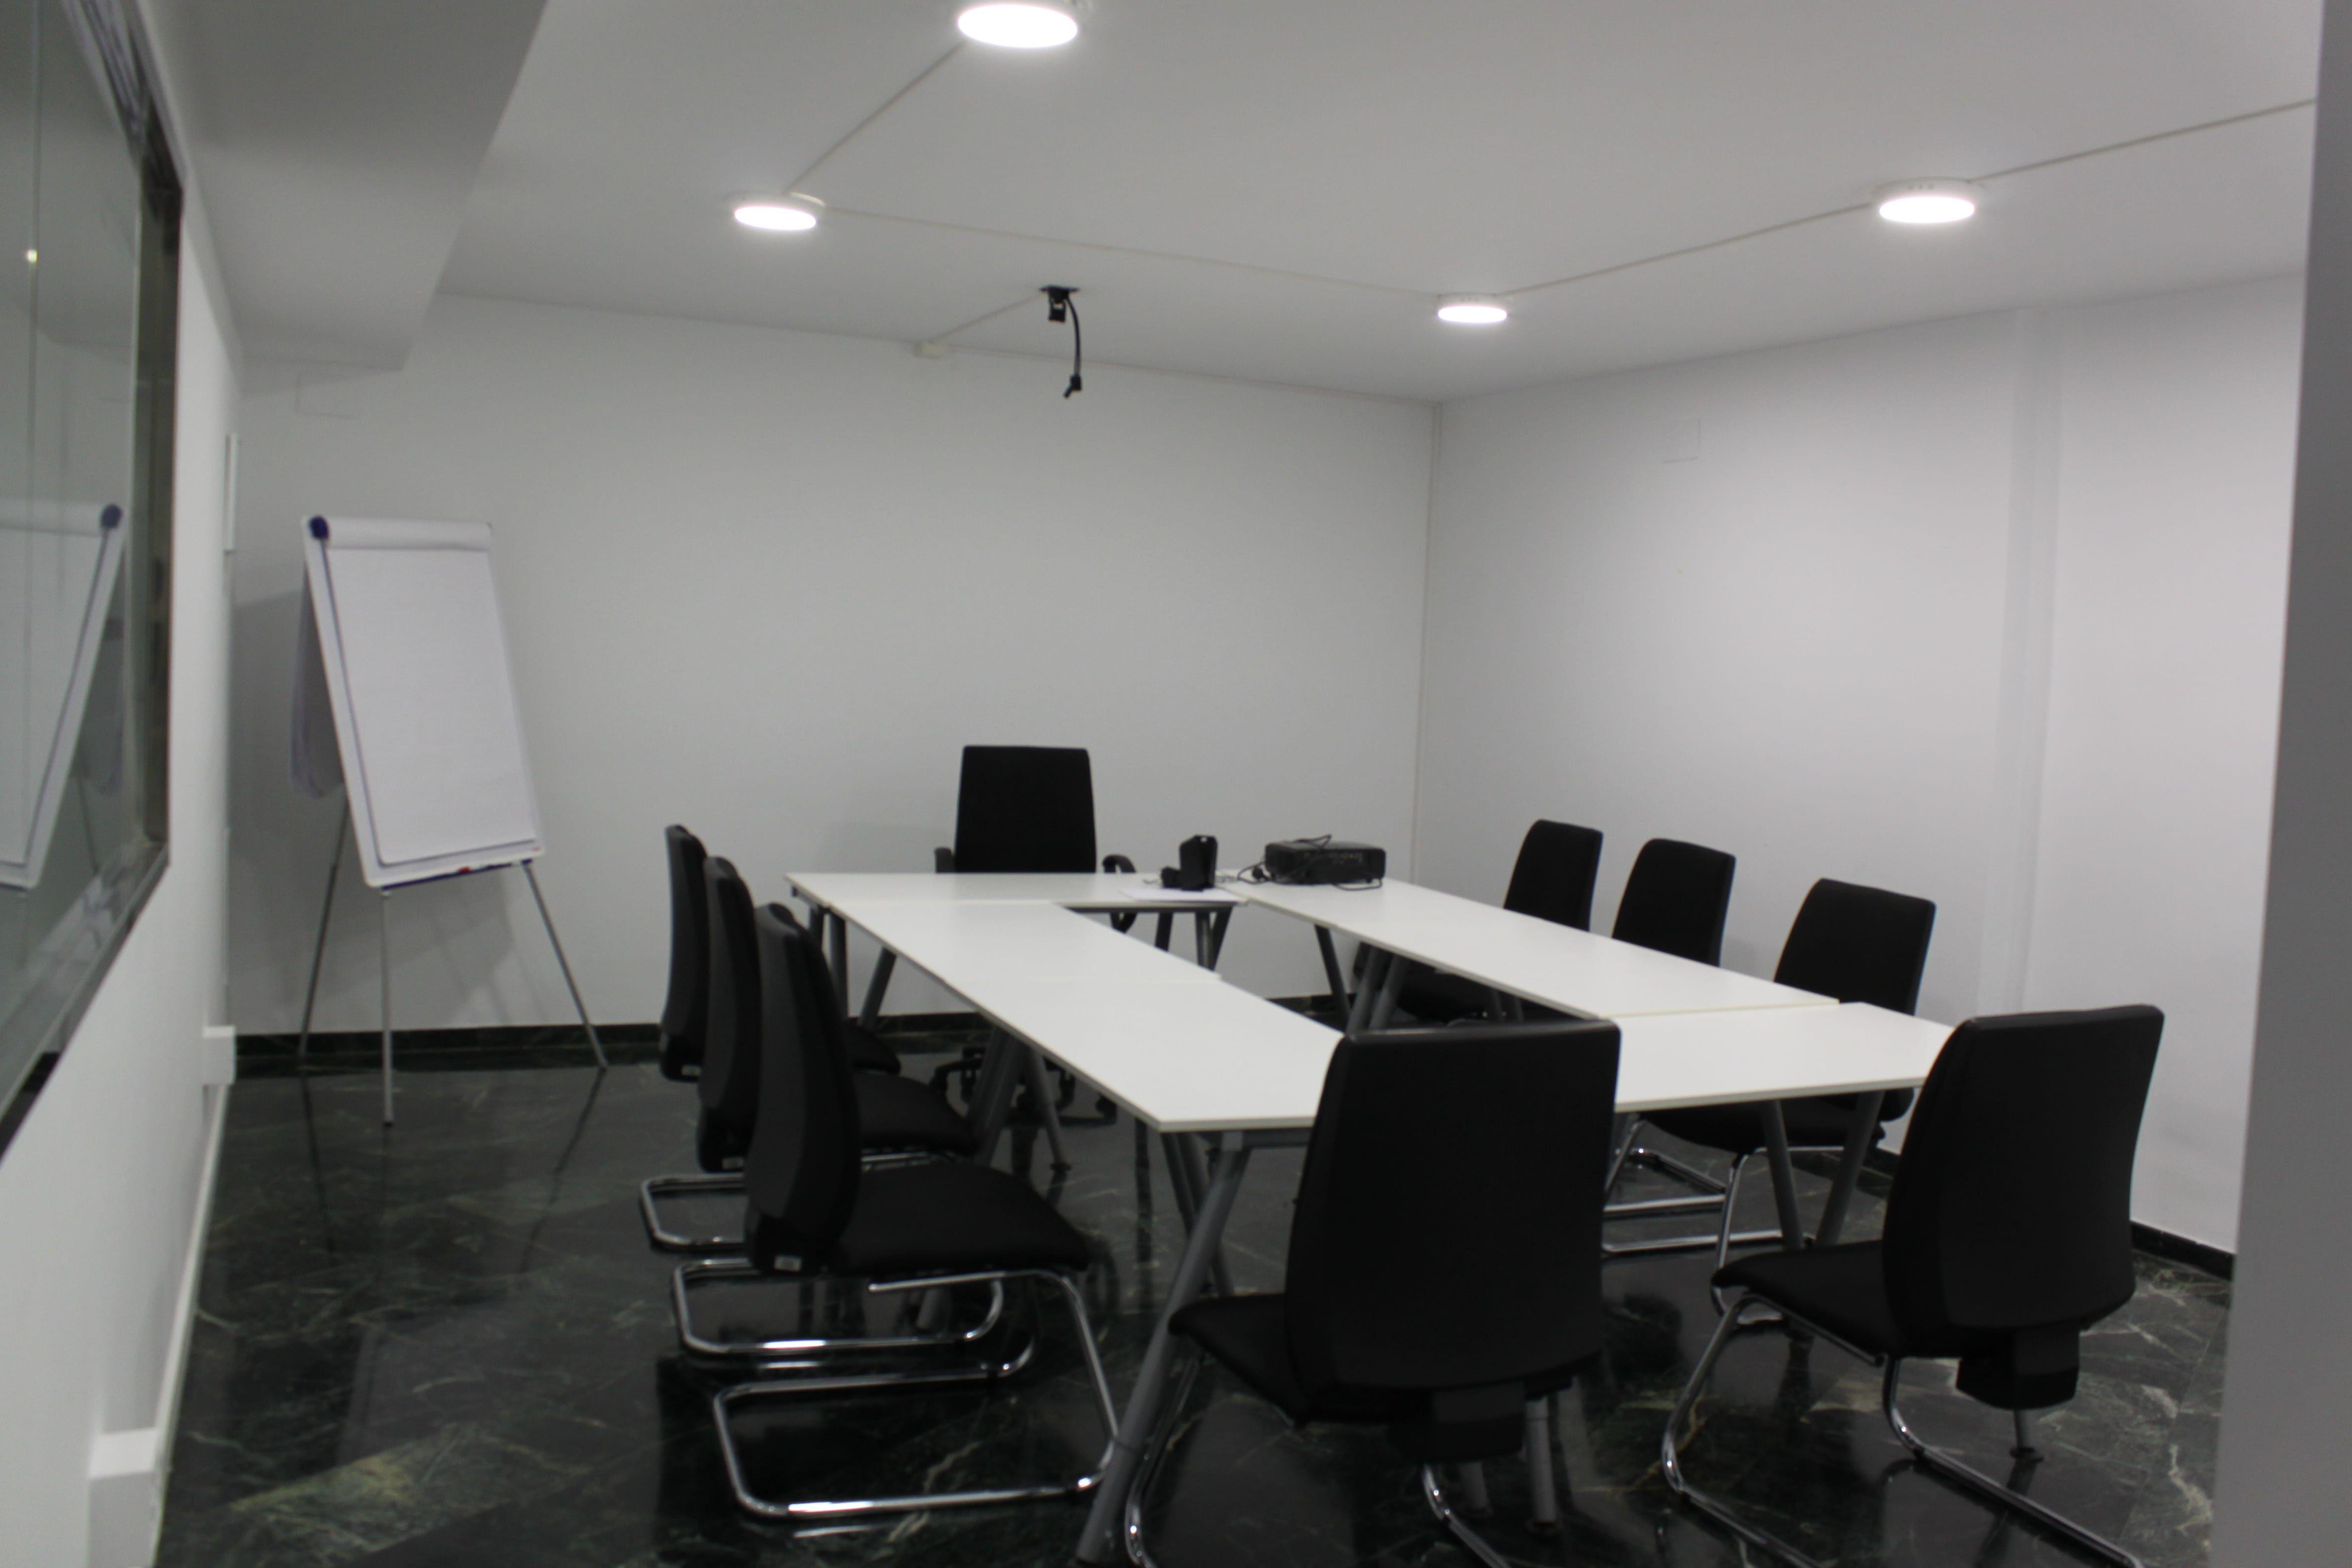 Alquiler de salas de reuniones en Valencia, Centro de Negocios IEM | alquilarsalas.com